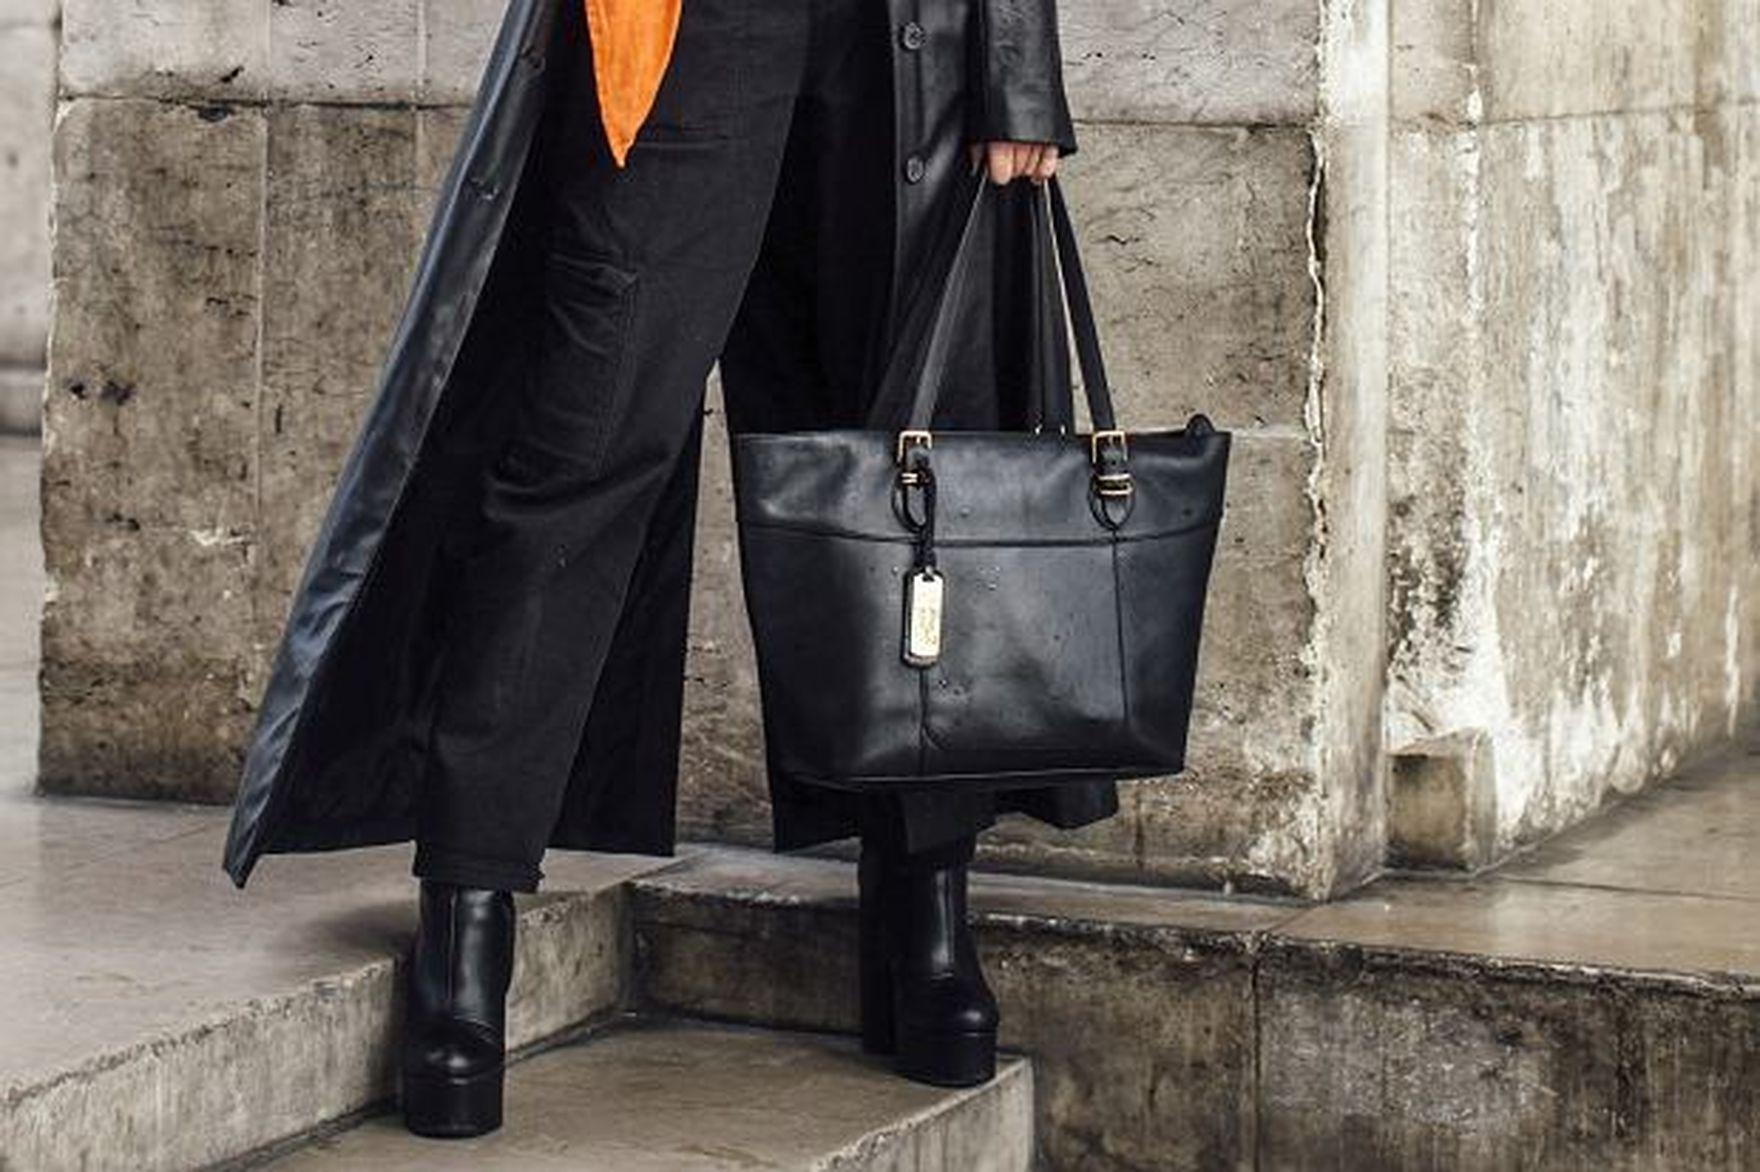 Te torby shopper pomieszczą wszystko i są 50% taniej! Klasyka, która nigdy nie wychodzi z mody!